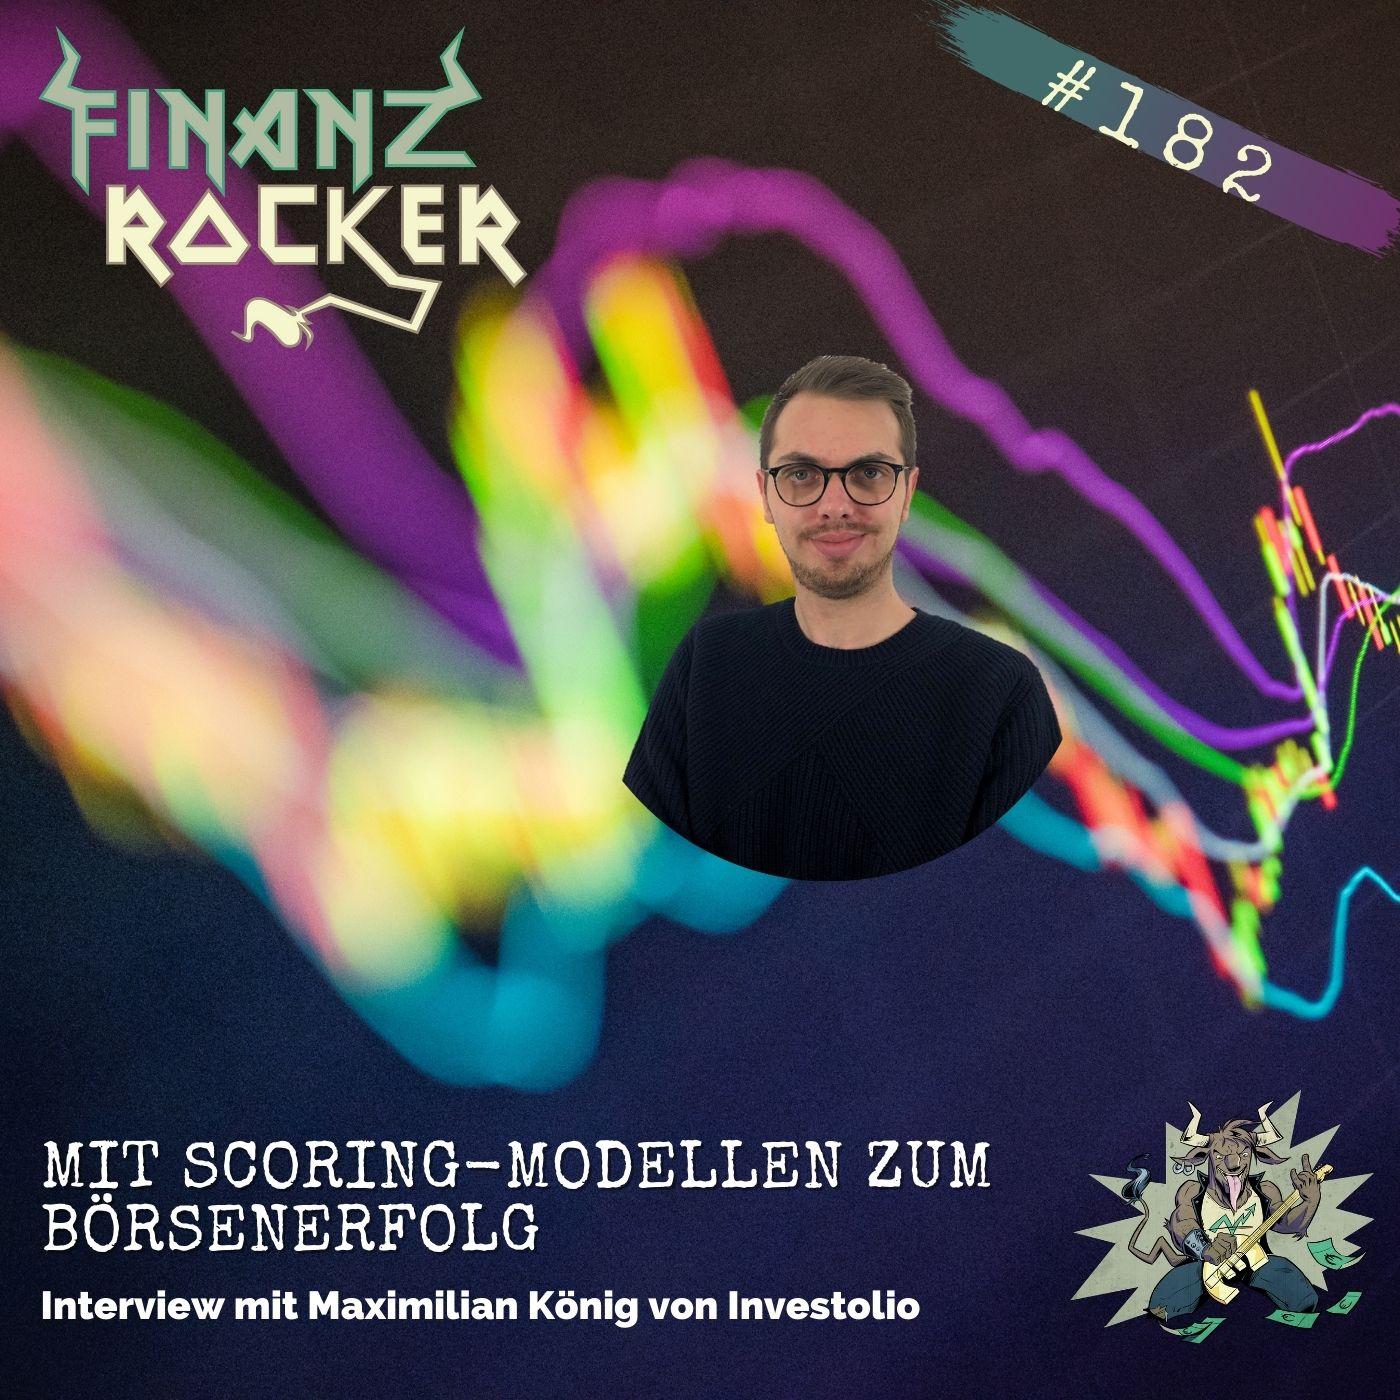 Folge 182: Mit Scoring-Modellen zum Börsenerfolg - Interview mit Maximilian König von Investolio